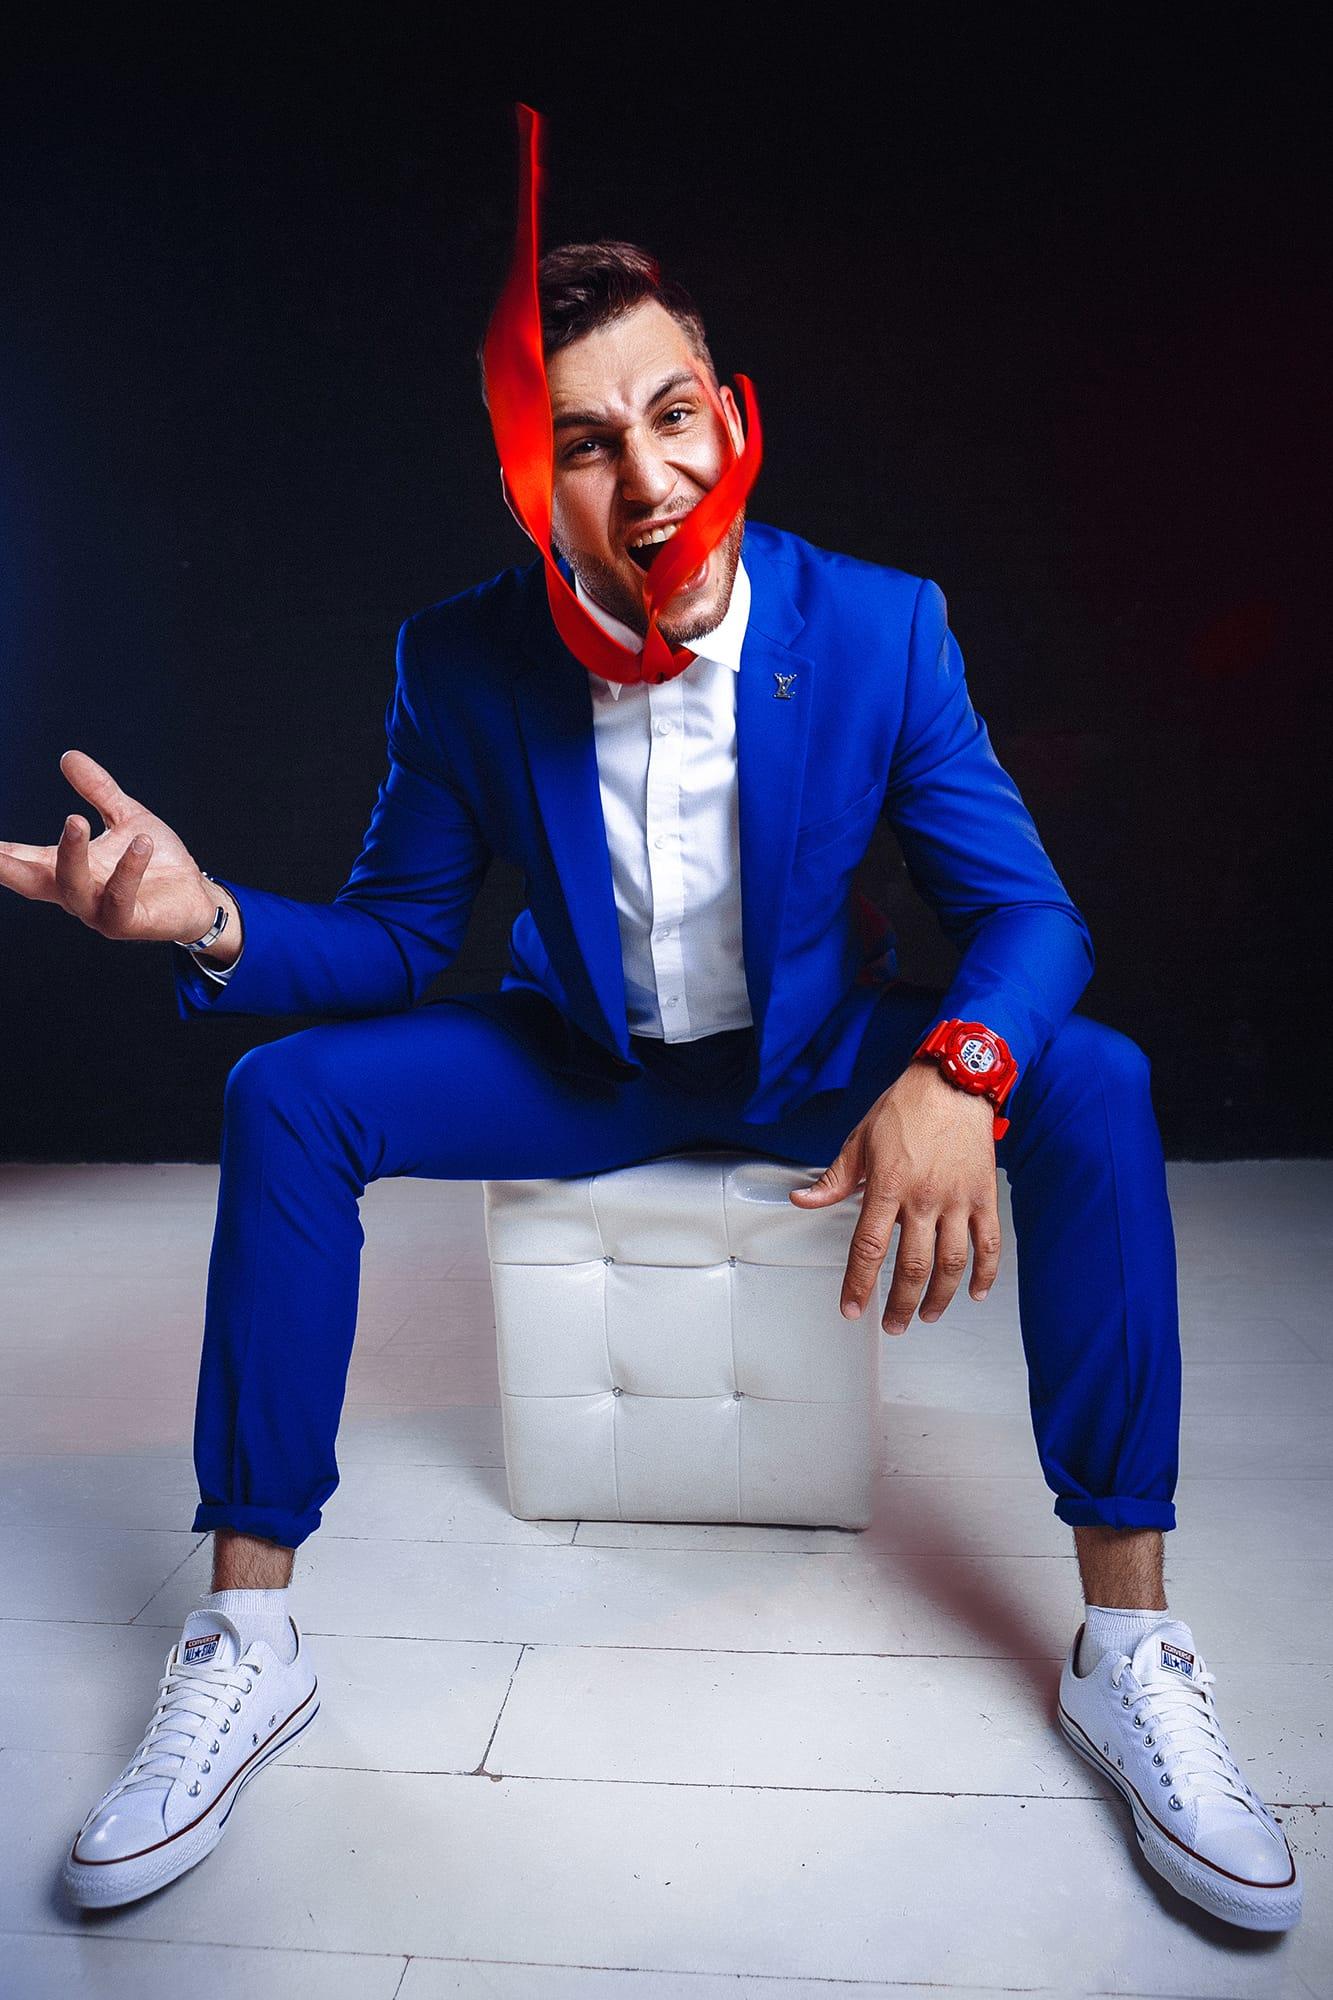 синий костюм фото